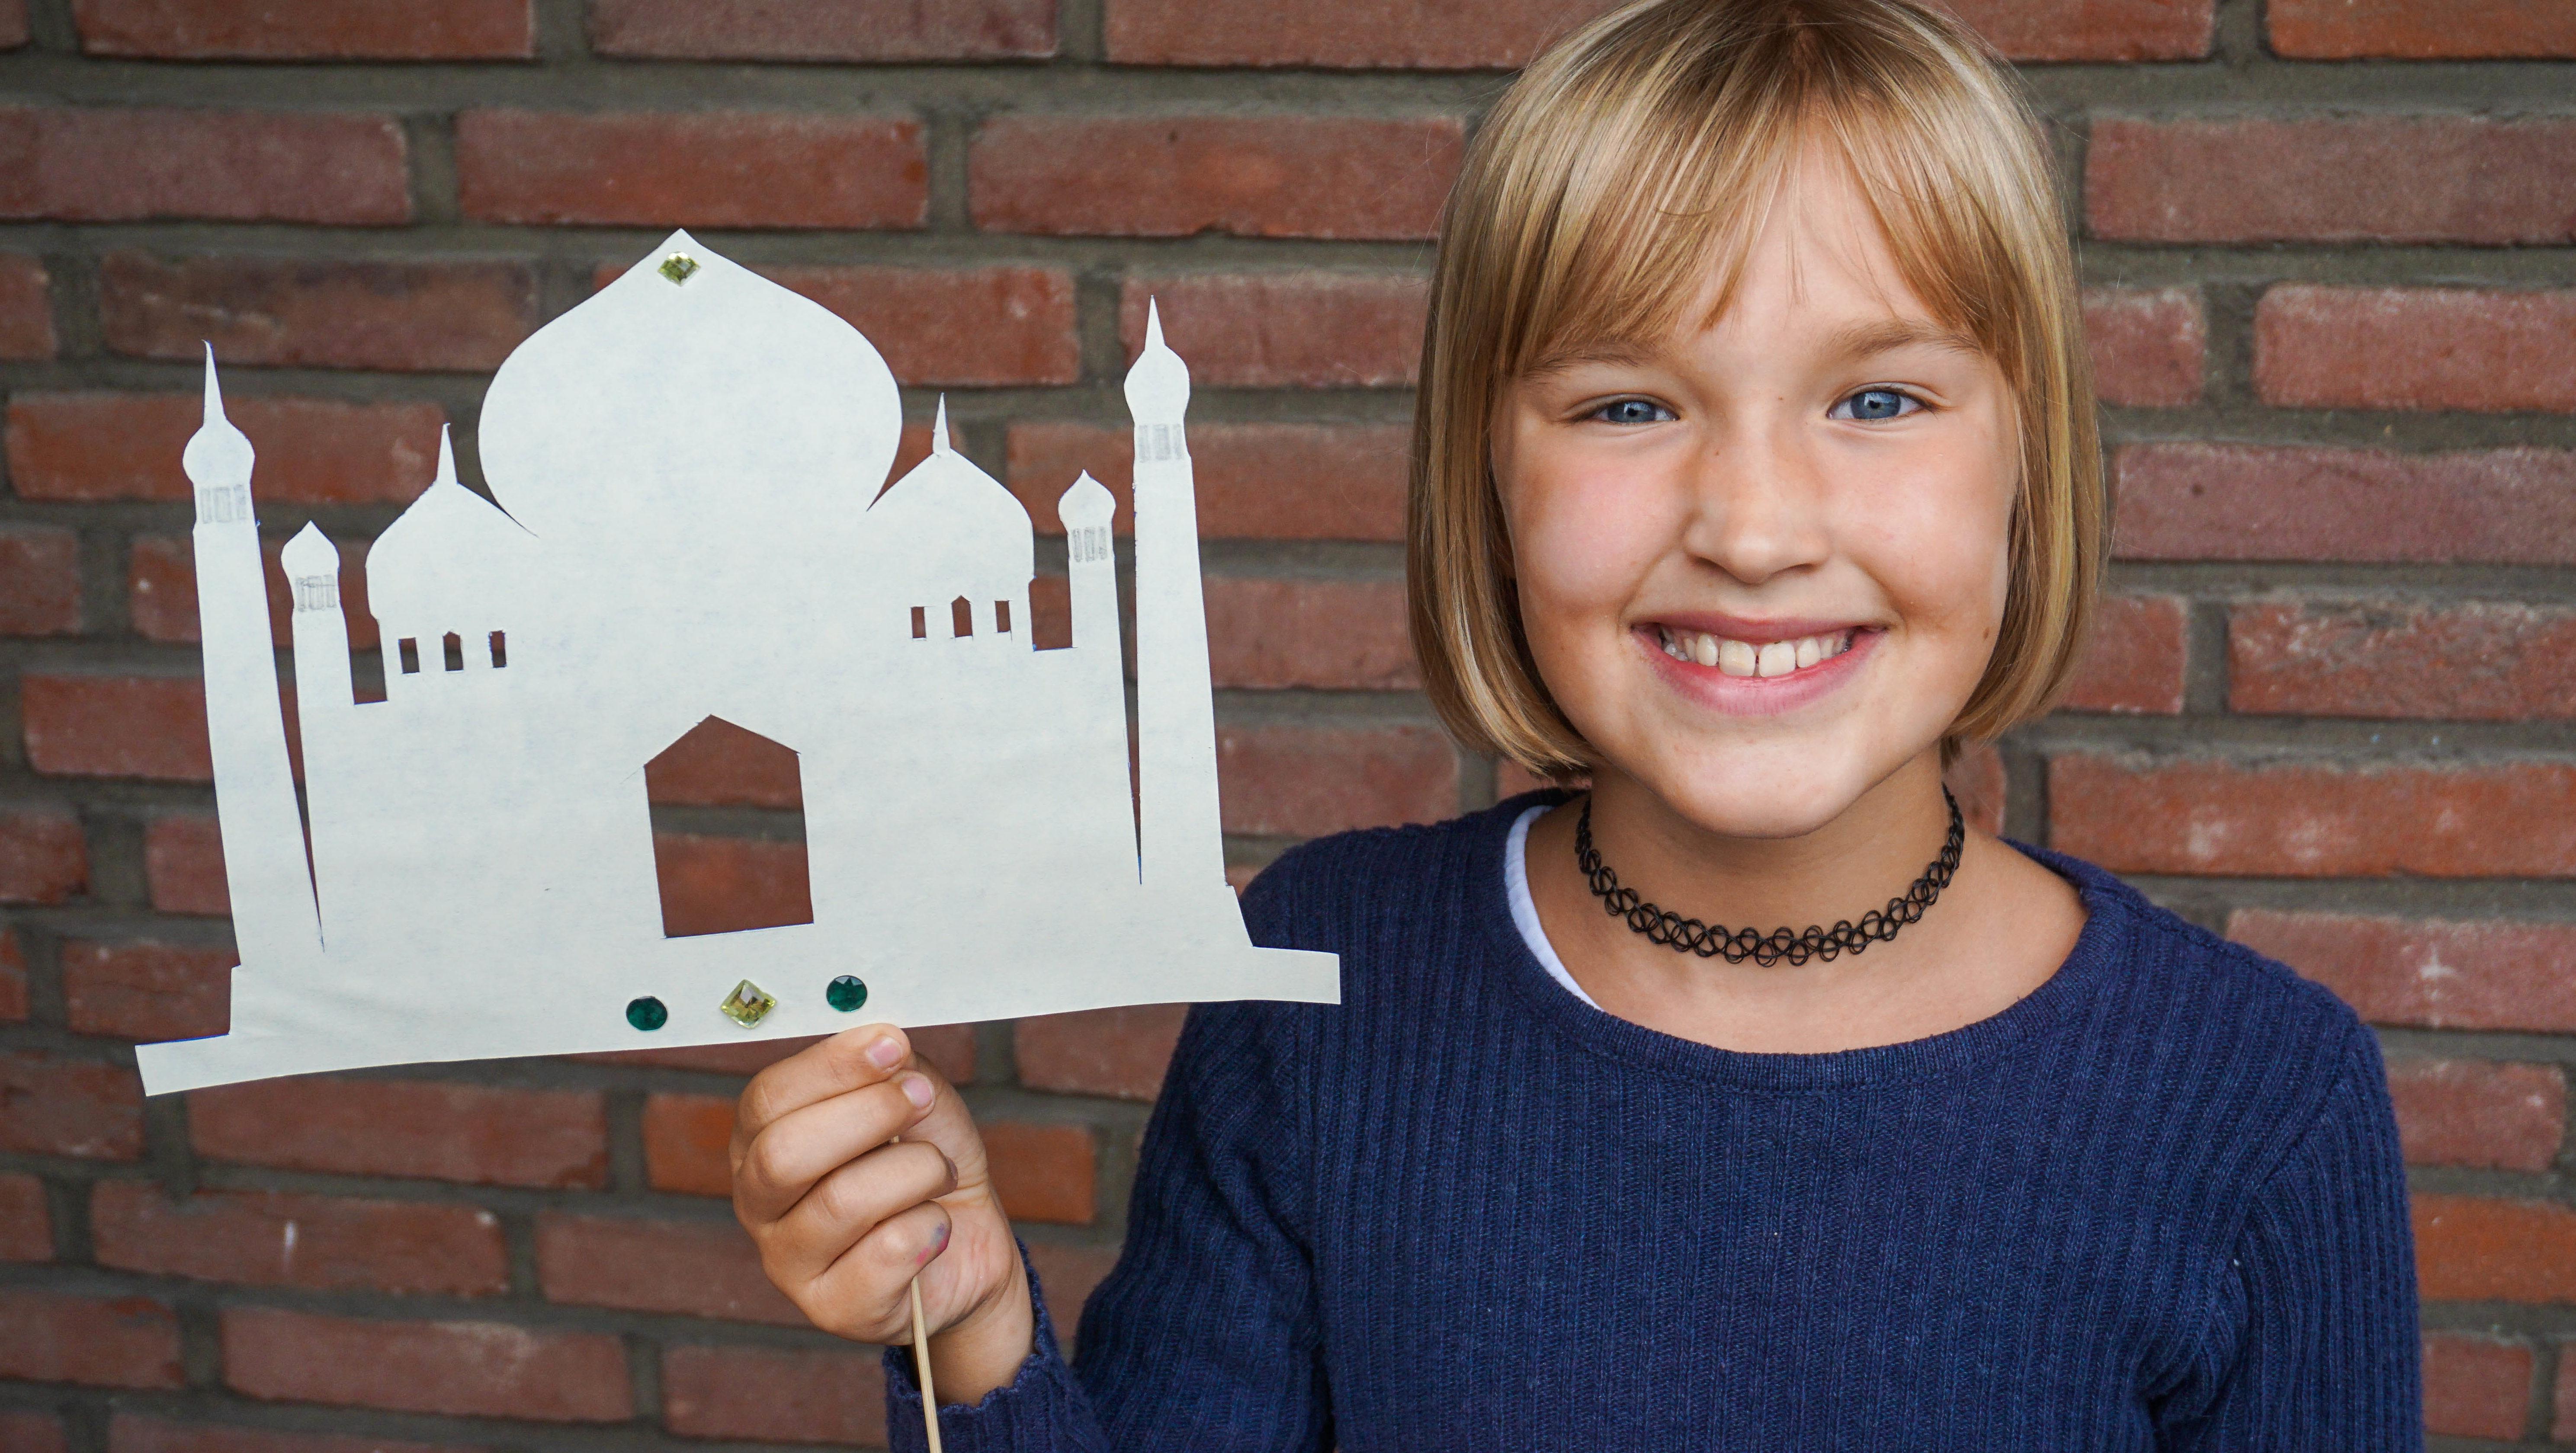 Marlene hat das Taj Mahal ausgeschnitten und auf ein Schaschlikstäbchen geklebt. (Quelle: Ralf Krämer)